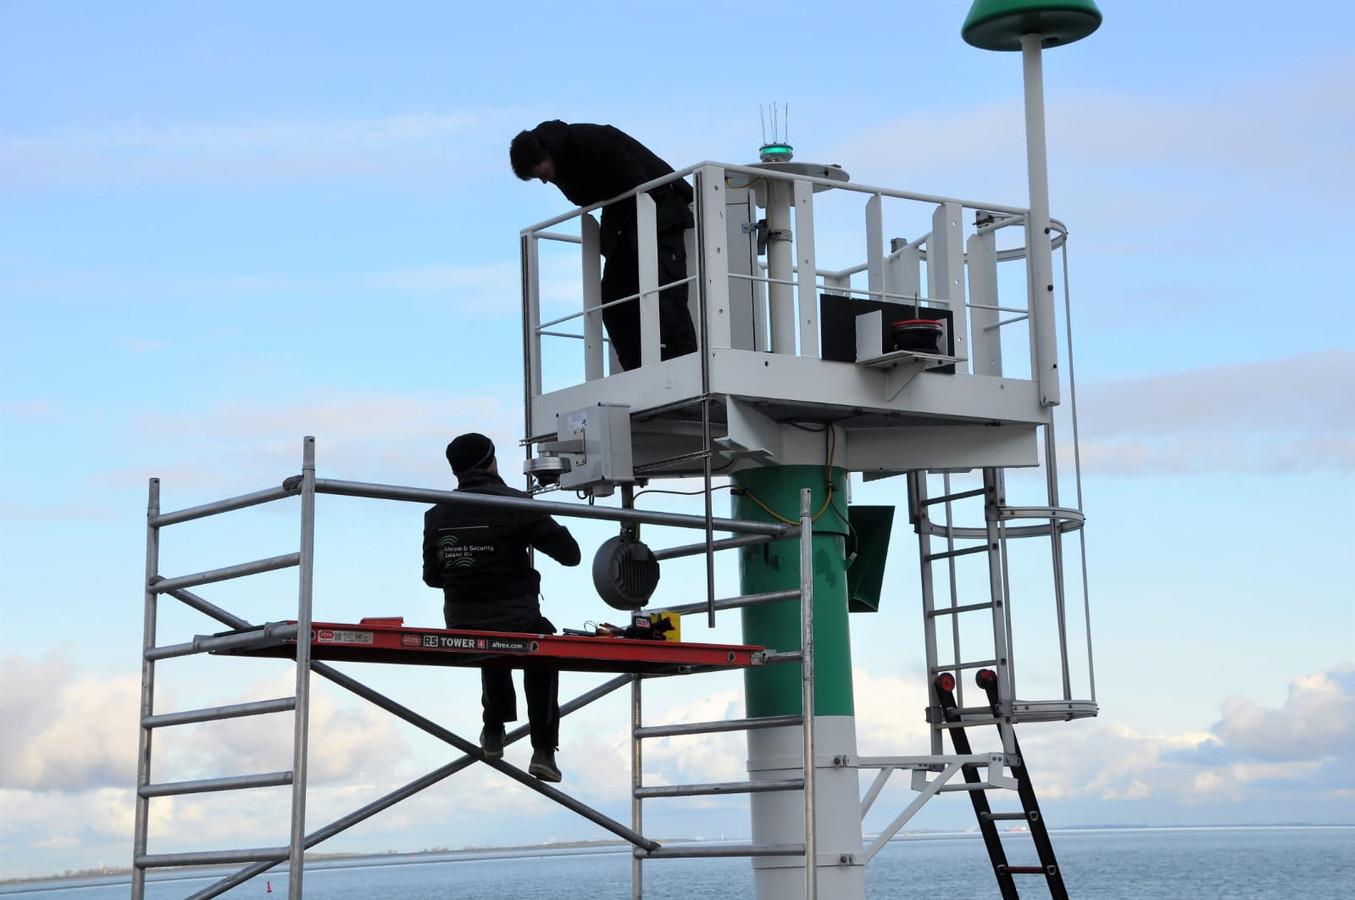 Beveiligingscamera wordt aangebracht op lichtopstand van Rijkswaterstaat bij de scheepsspotterplek in Terneuzen.